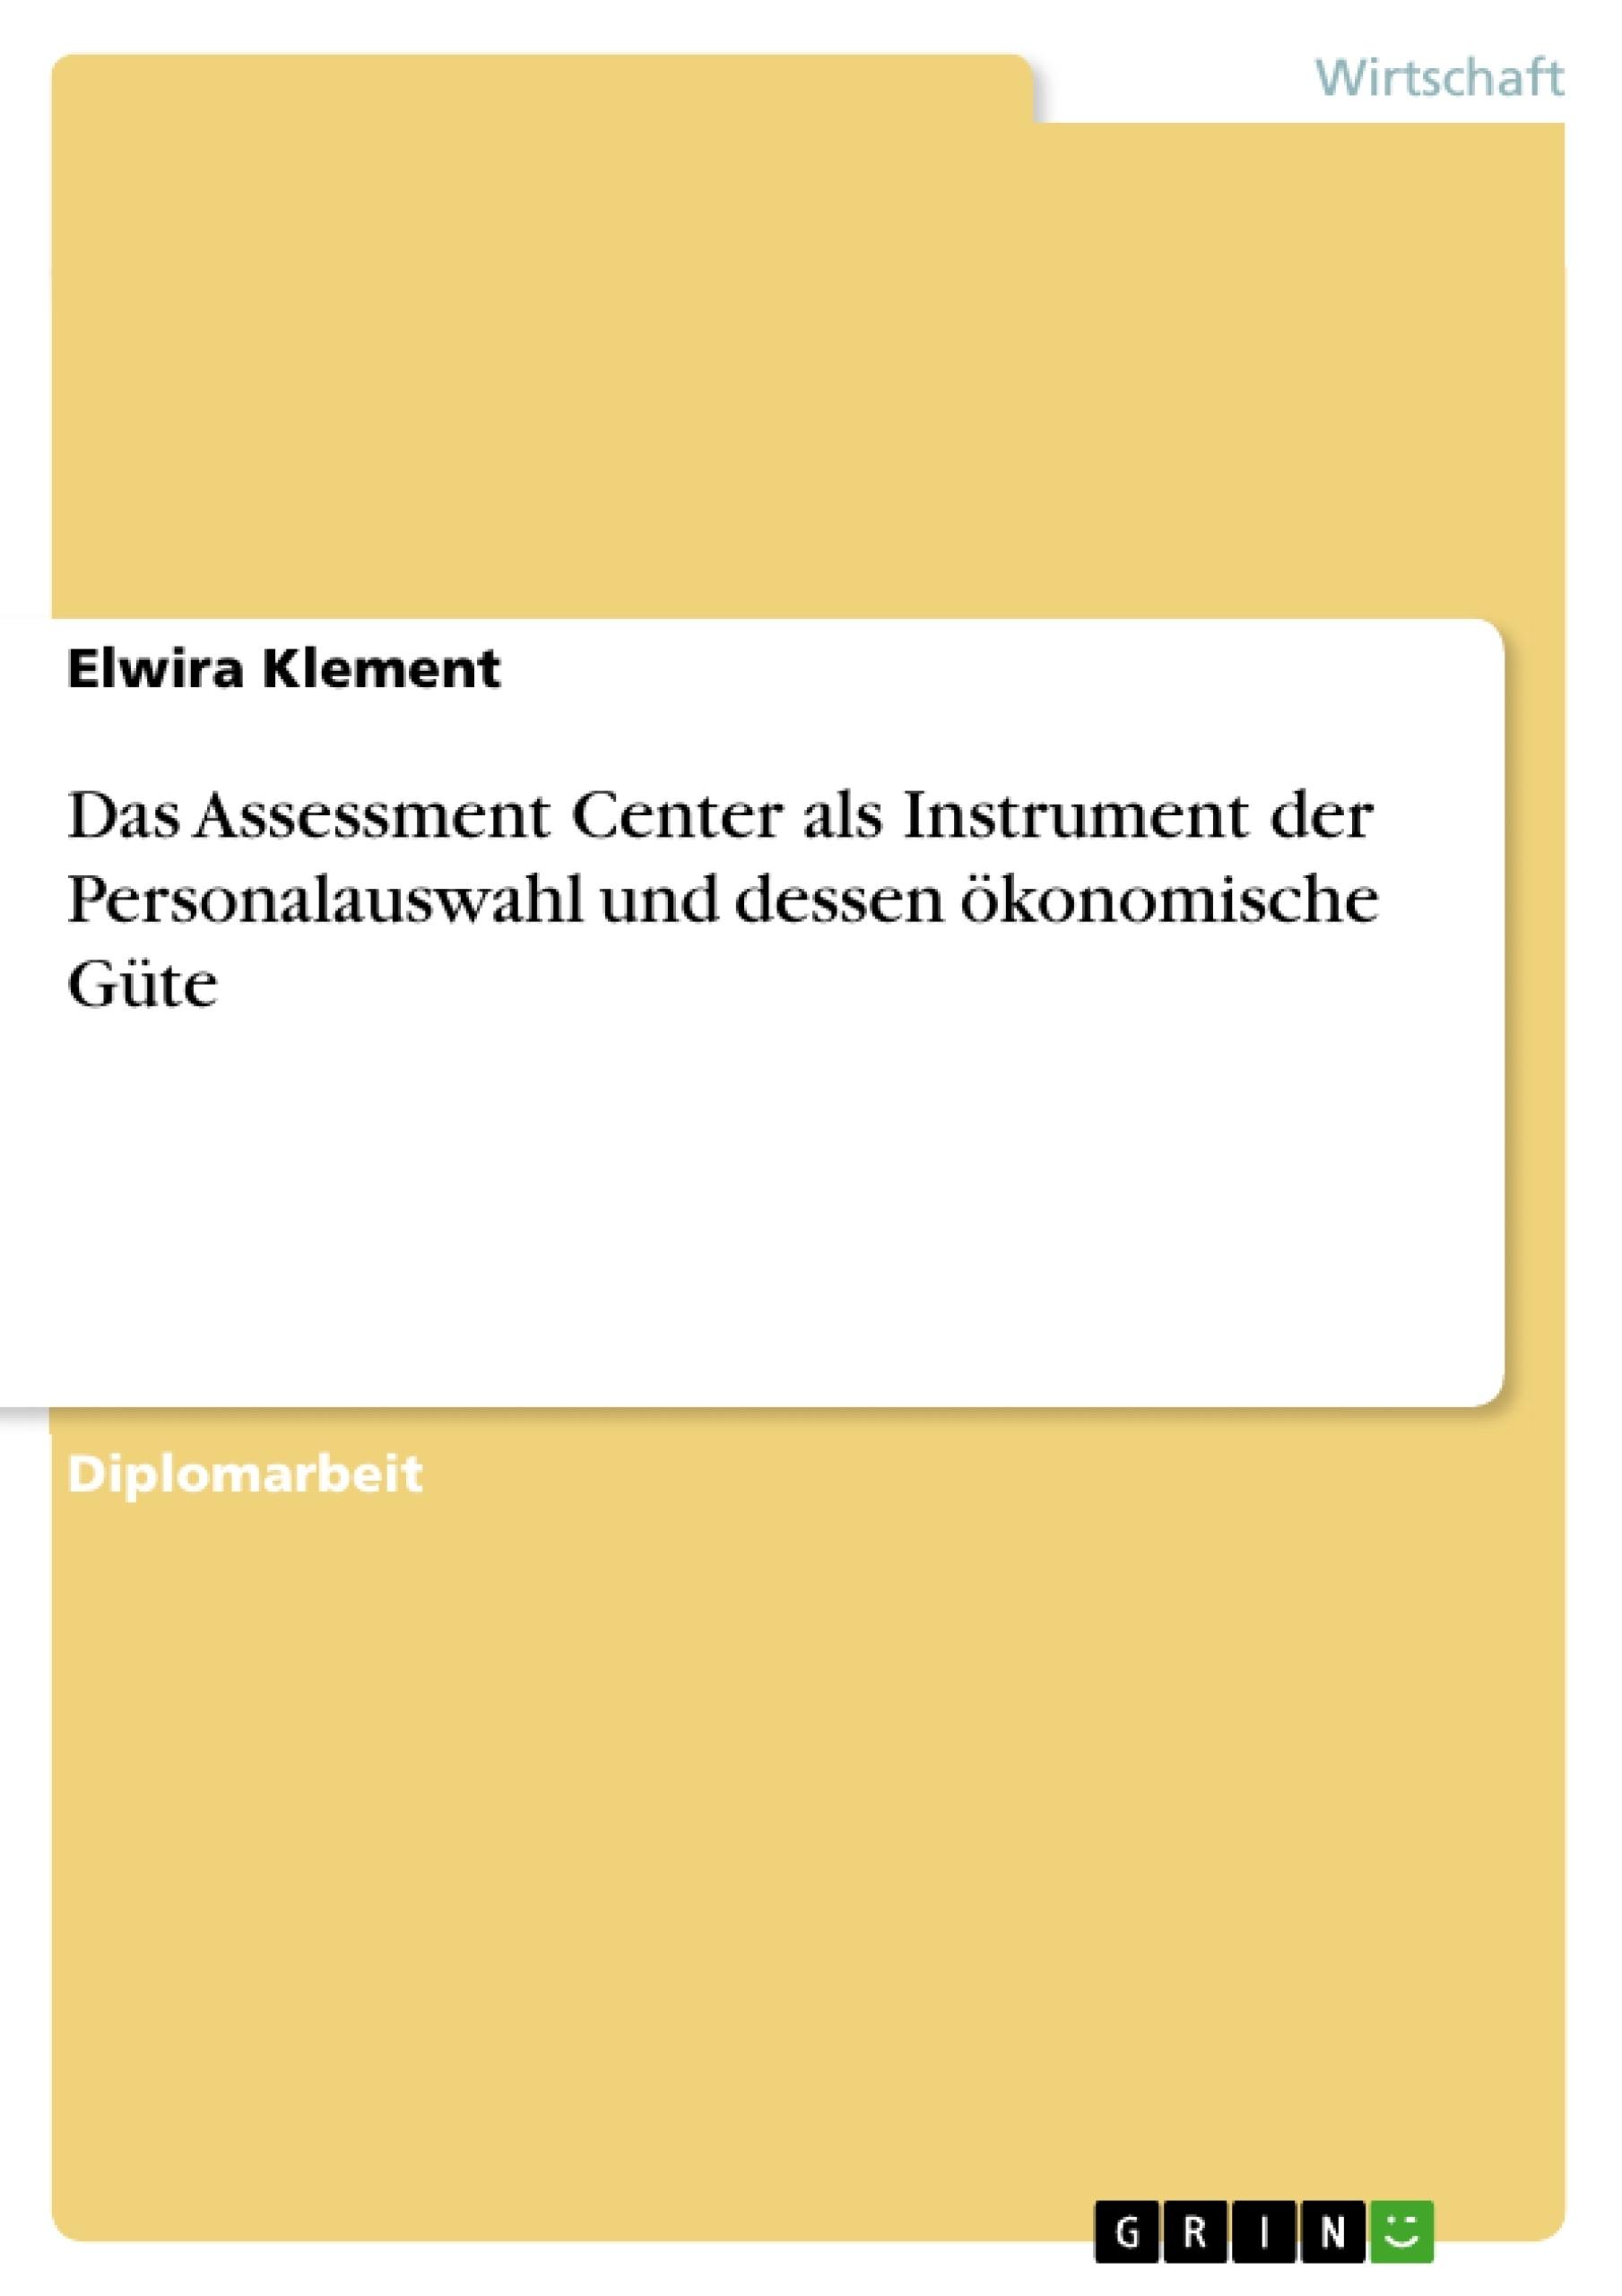 Titel: Das Assessment Center als Instrument der Personalauswahl und dessen ökonomische Güte